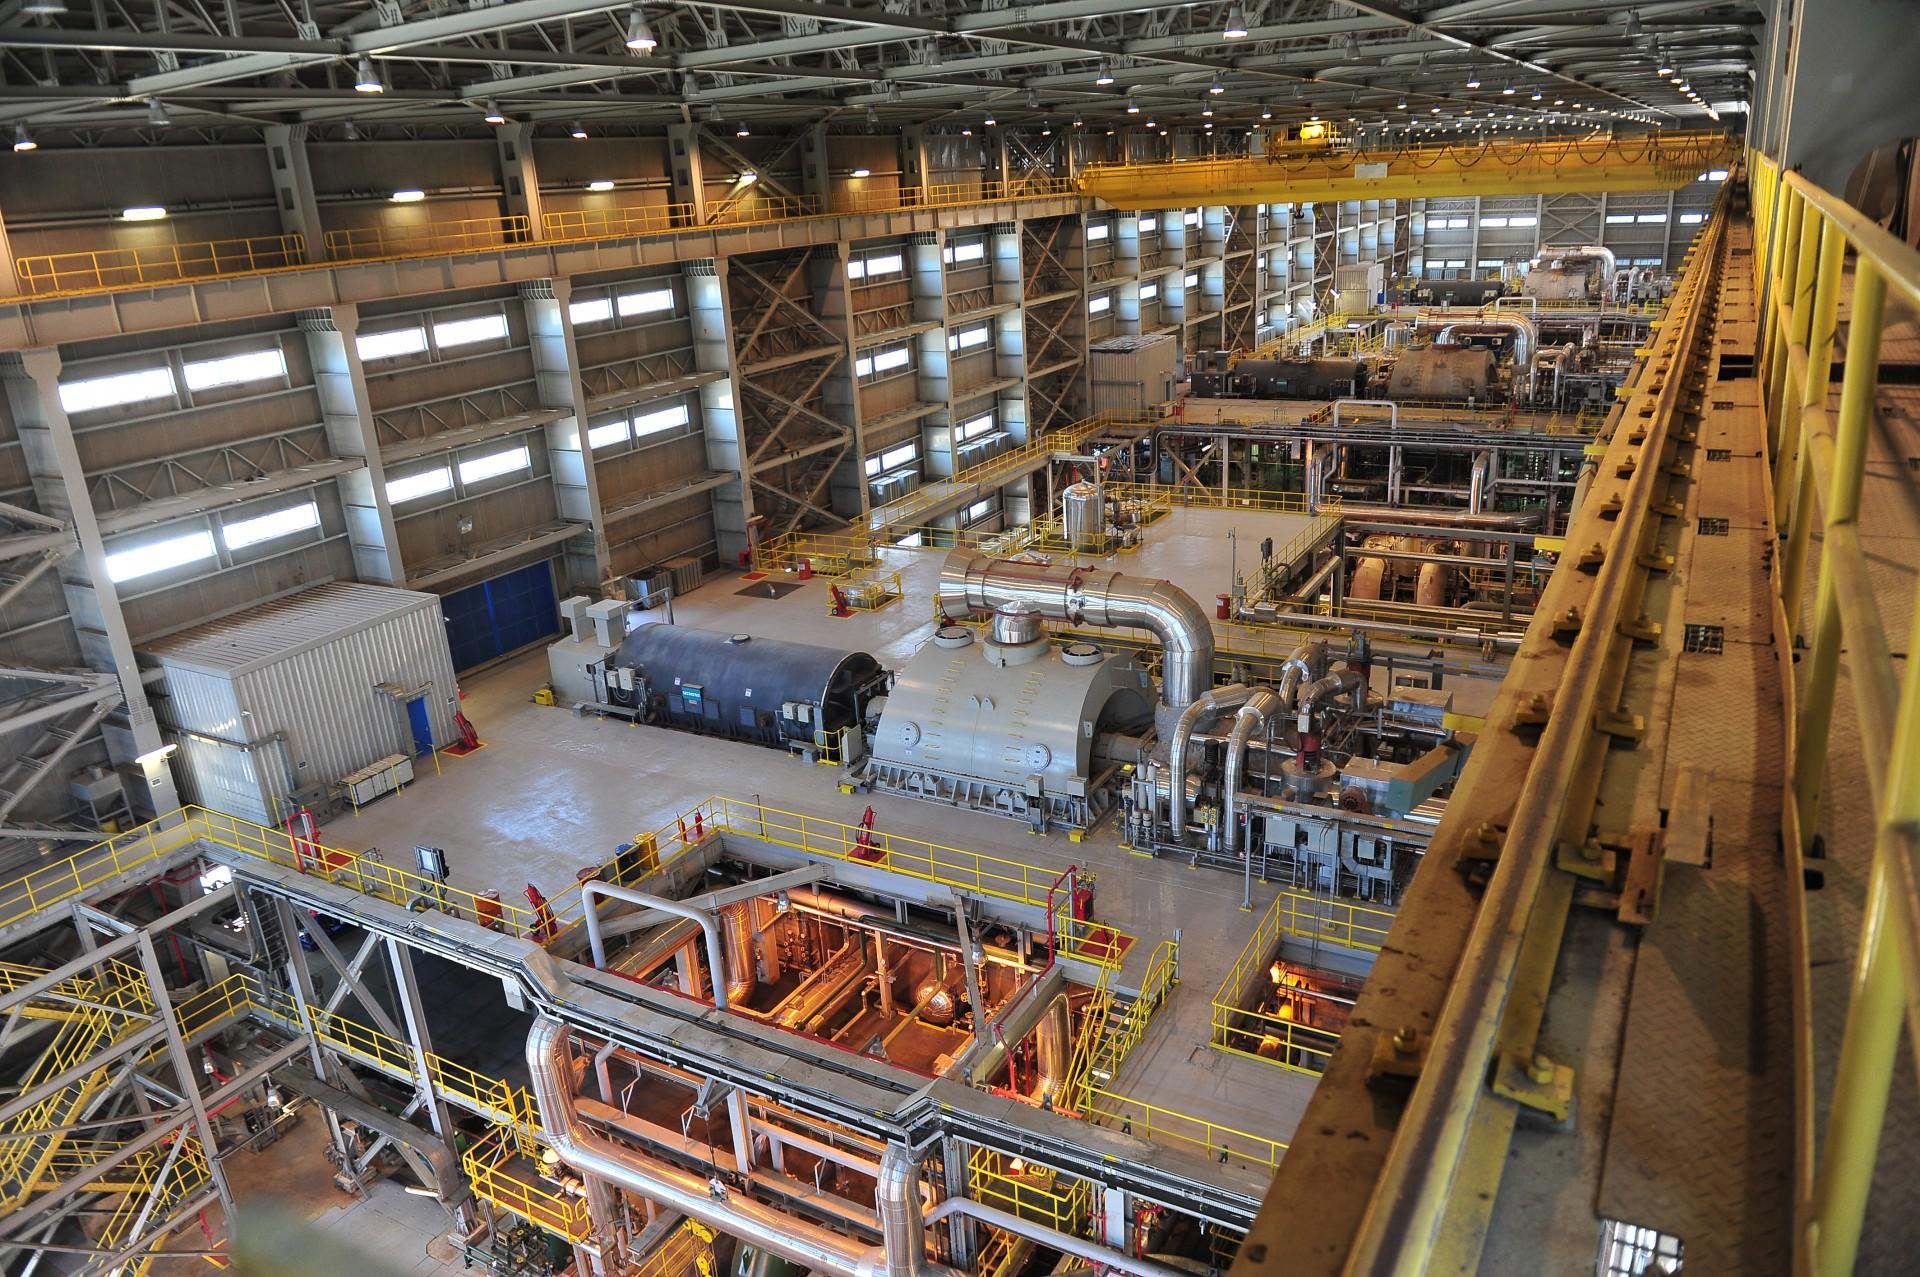 Capacidade da usina é de 5,5 mil gigawatt-hora e é capaz de abastecer uma cidade de 5,6 milhões de habitantes